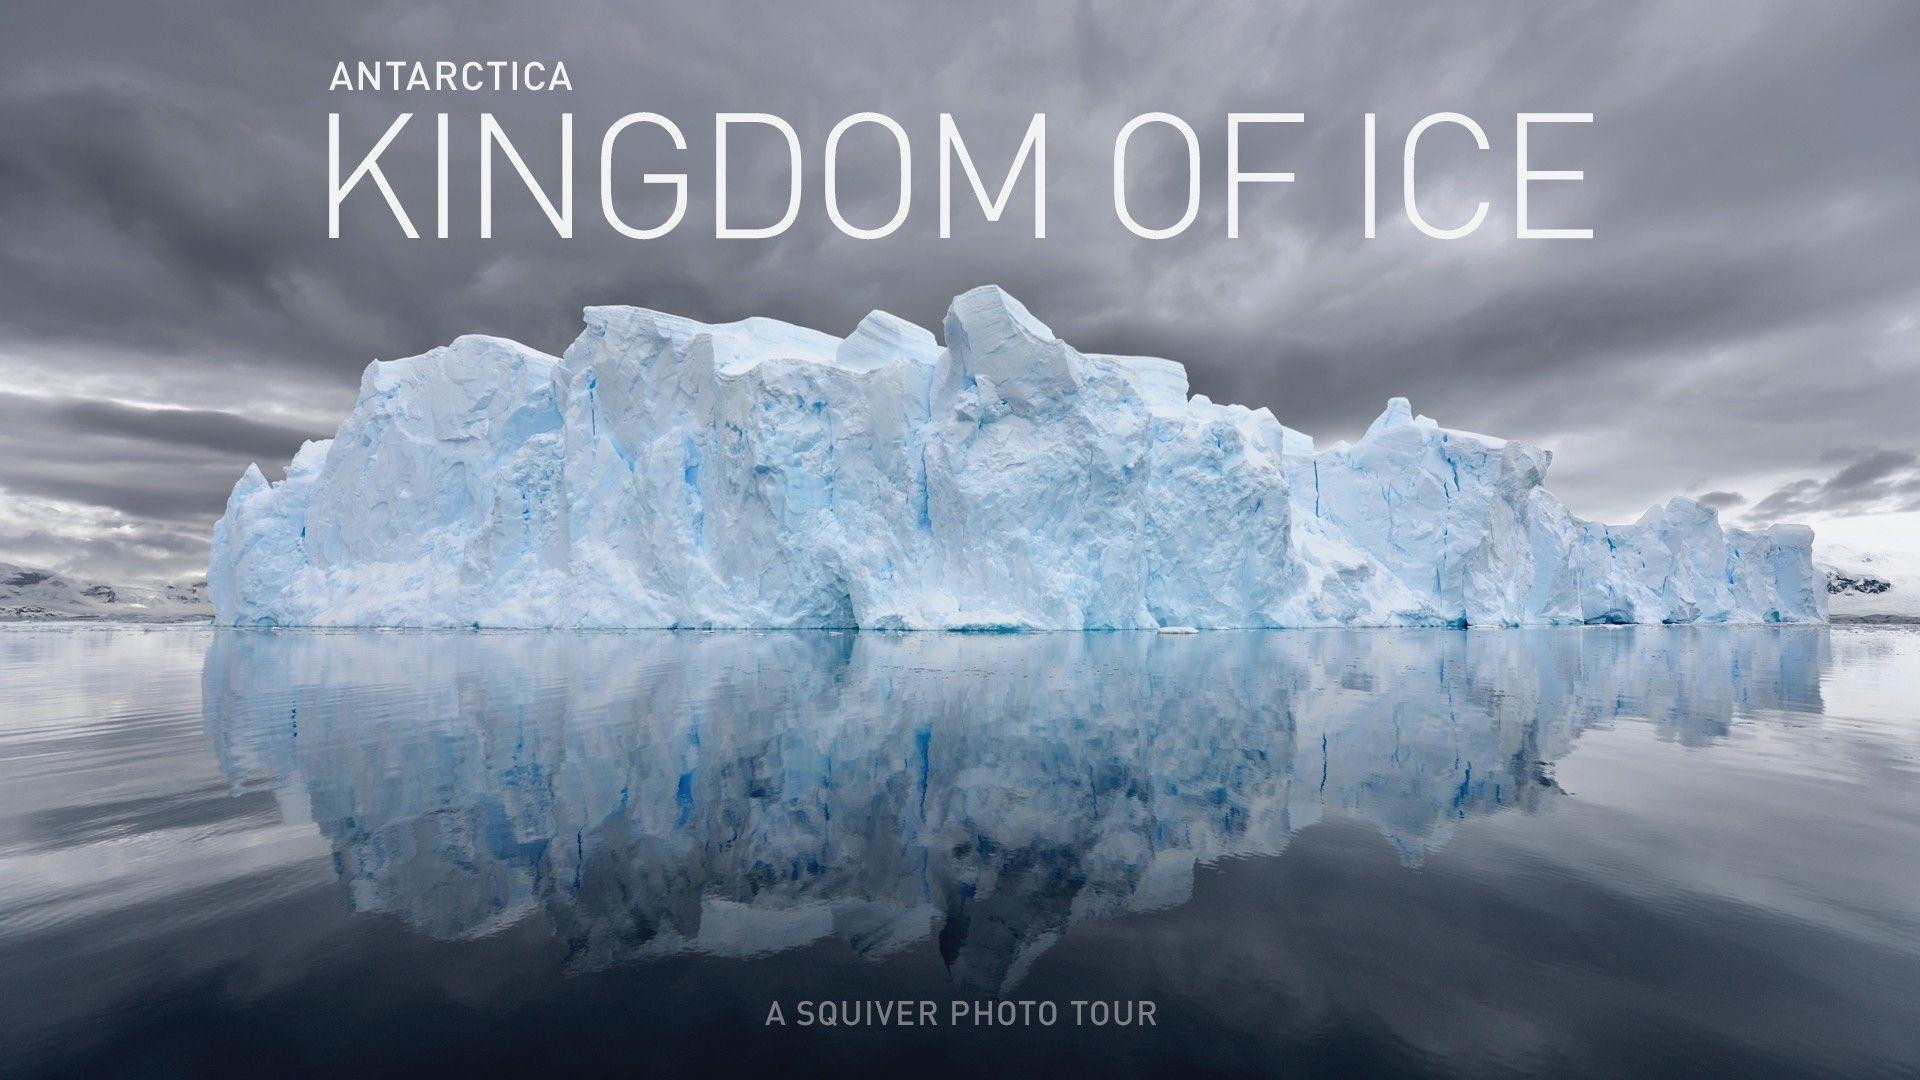 Antarctica Wallpapers HD Download